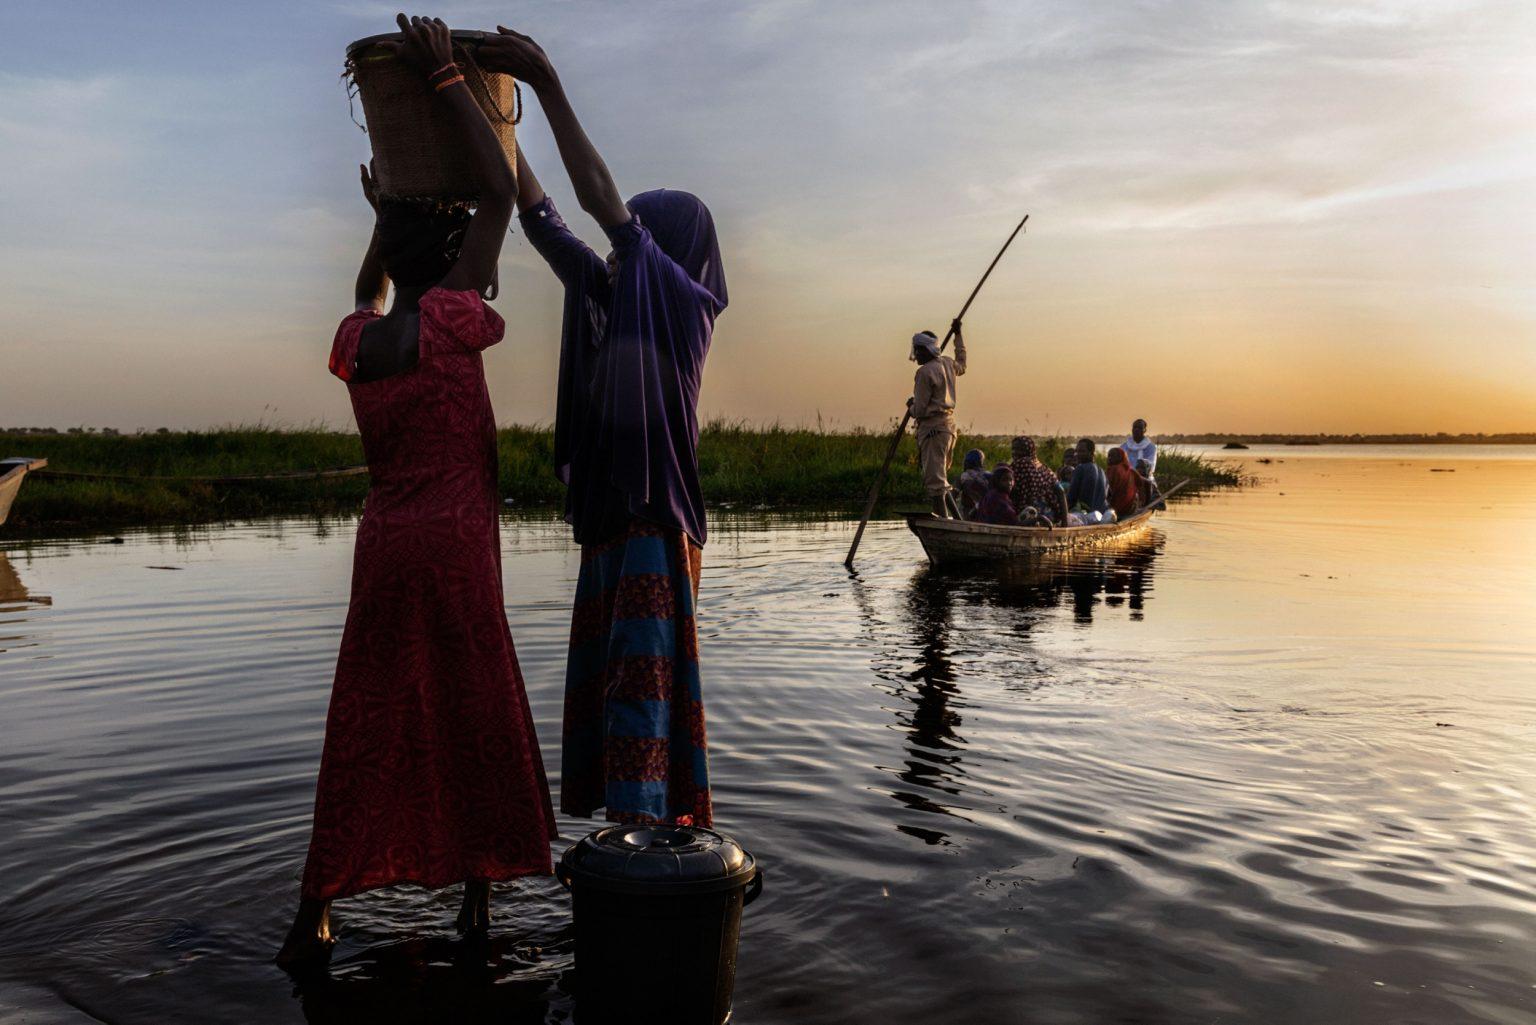 Africa, Chad, Bol, October 2018 - A severe humanitarian crisis is underway in the Lake Chad basin. Over two million refugees, as well as five million people are at risk of food insecurity and 500,000 children are suffering from acute malnutrition. Lake Chad is shrincking rapidly, due to desertification that is threatening the very existence of the people who live on its banks and the ecosystem of its waters. Chad was once the fourth largest lake in Africa. However, since the 1950s its surface has shrunk by 90%.>< Africa, Ciad, Bol, Ottobre 2018 - Una grave crisi umanitaria si sta abbattendo sul Lago Ciad. Oltre due milioni di rifugiati e cinque milioni di persone sono minacciati dall?insicurezza alimentare; 50,000 bambini soffrono di malnutrizione acuta. Il Lago Ciad si sta restringendo rapidamente per via della desertificazione che sta mettendo in pericolo l'esistenza stessa delle persone che vivono sulle sue sponde e l'ecosistema delle sue acque. Ciad era un tempo uno dei quattro laghi più grandi in Africa. Tuttavia, dal 1950 la superficie si è ridotta del 50%. *** SPECIAL   FEE   APPLIES *** *** Local Caption *** 01362920